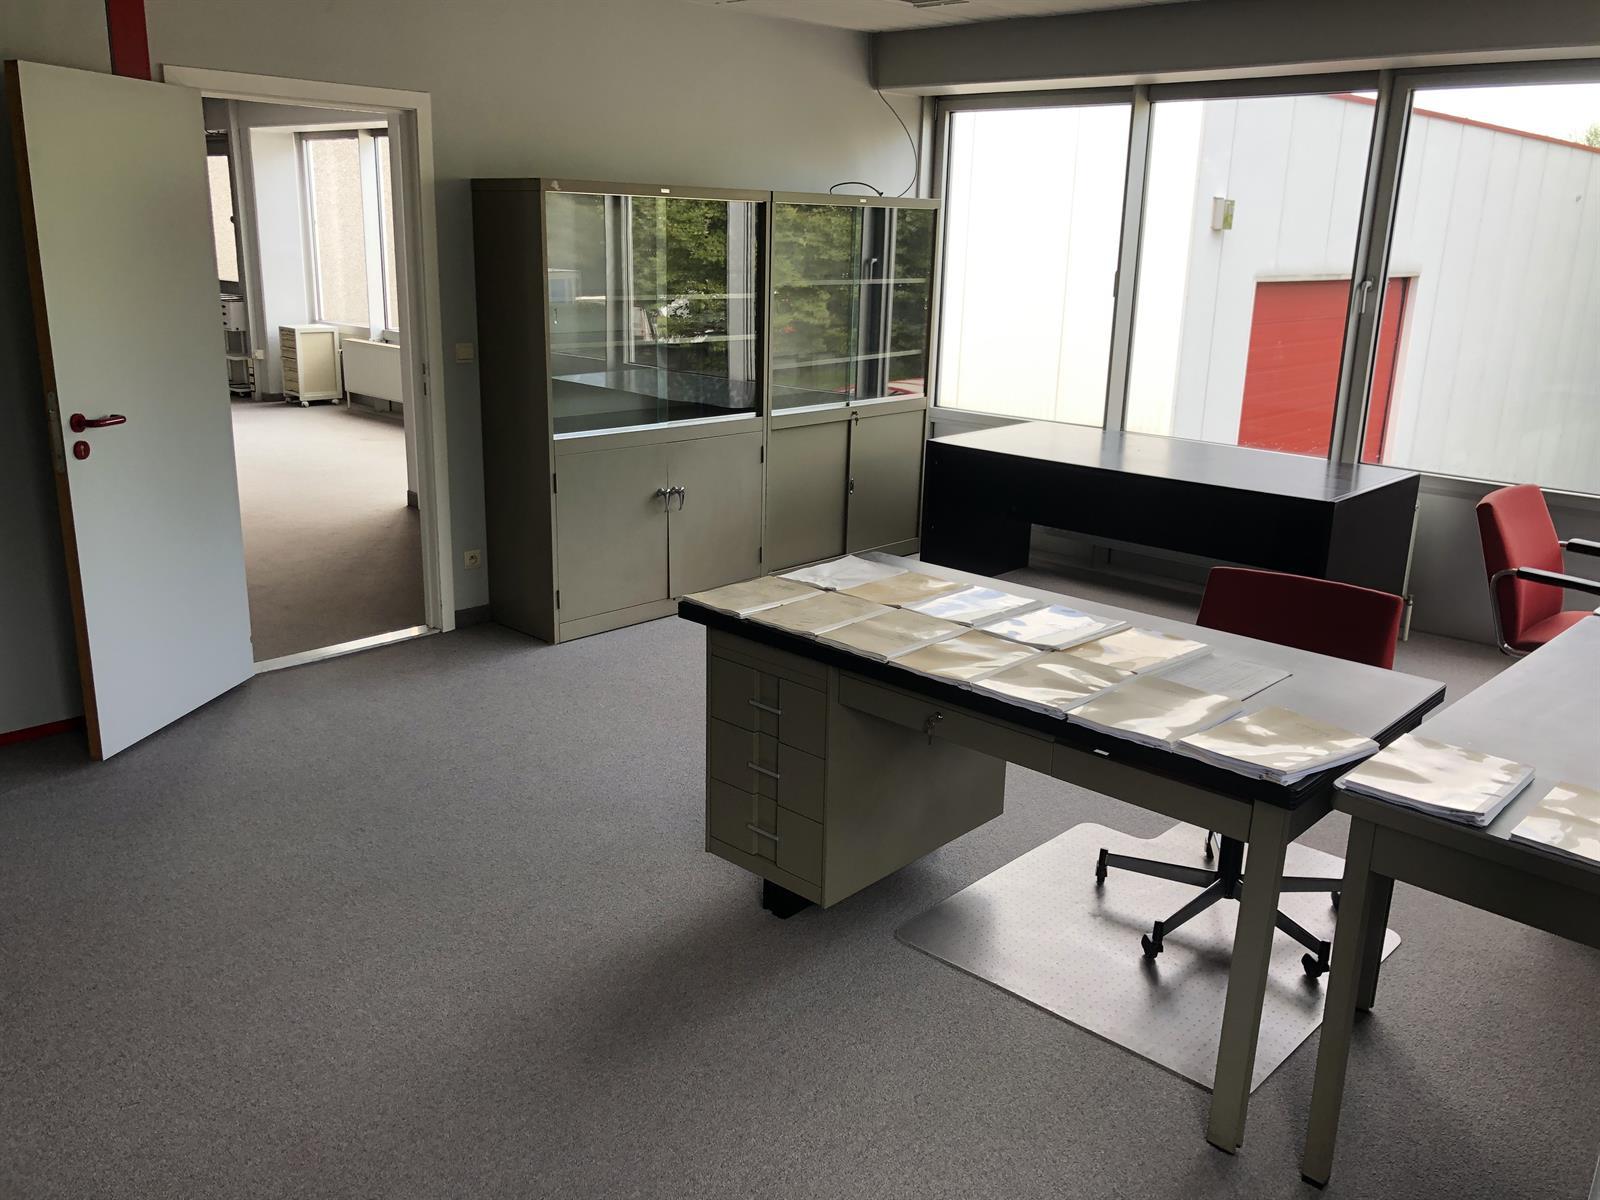 kantoor te huur I170 - Walgoedstraat 2, 9140 Temse, België 8